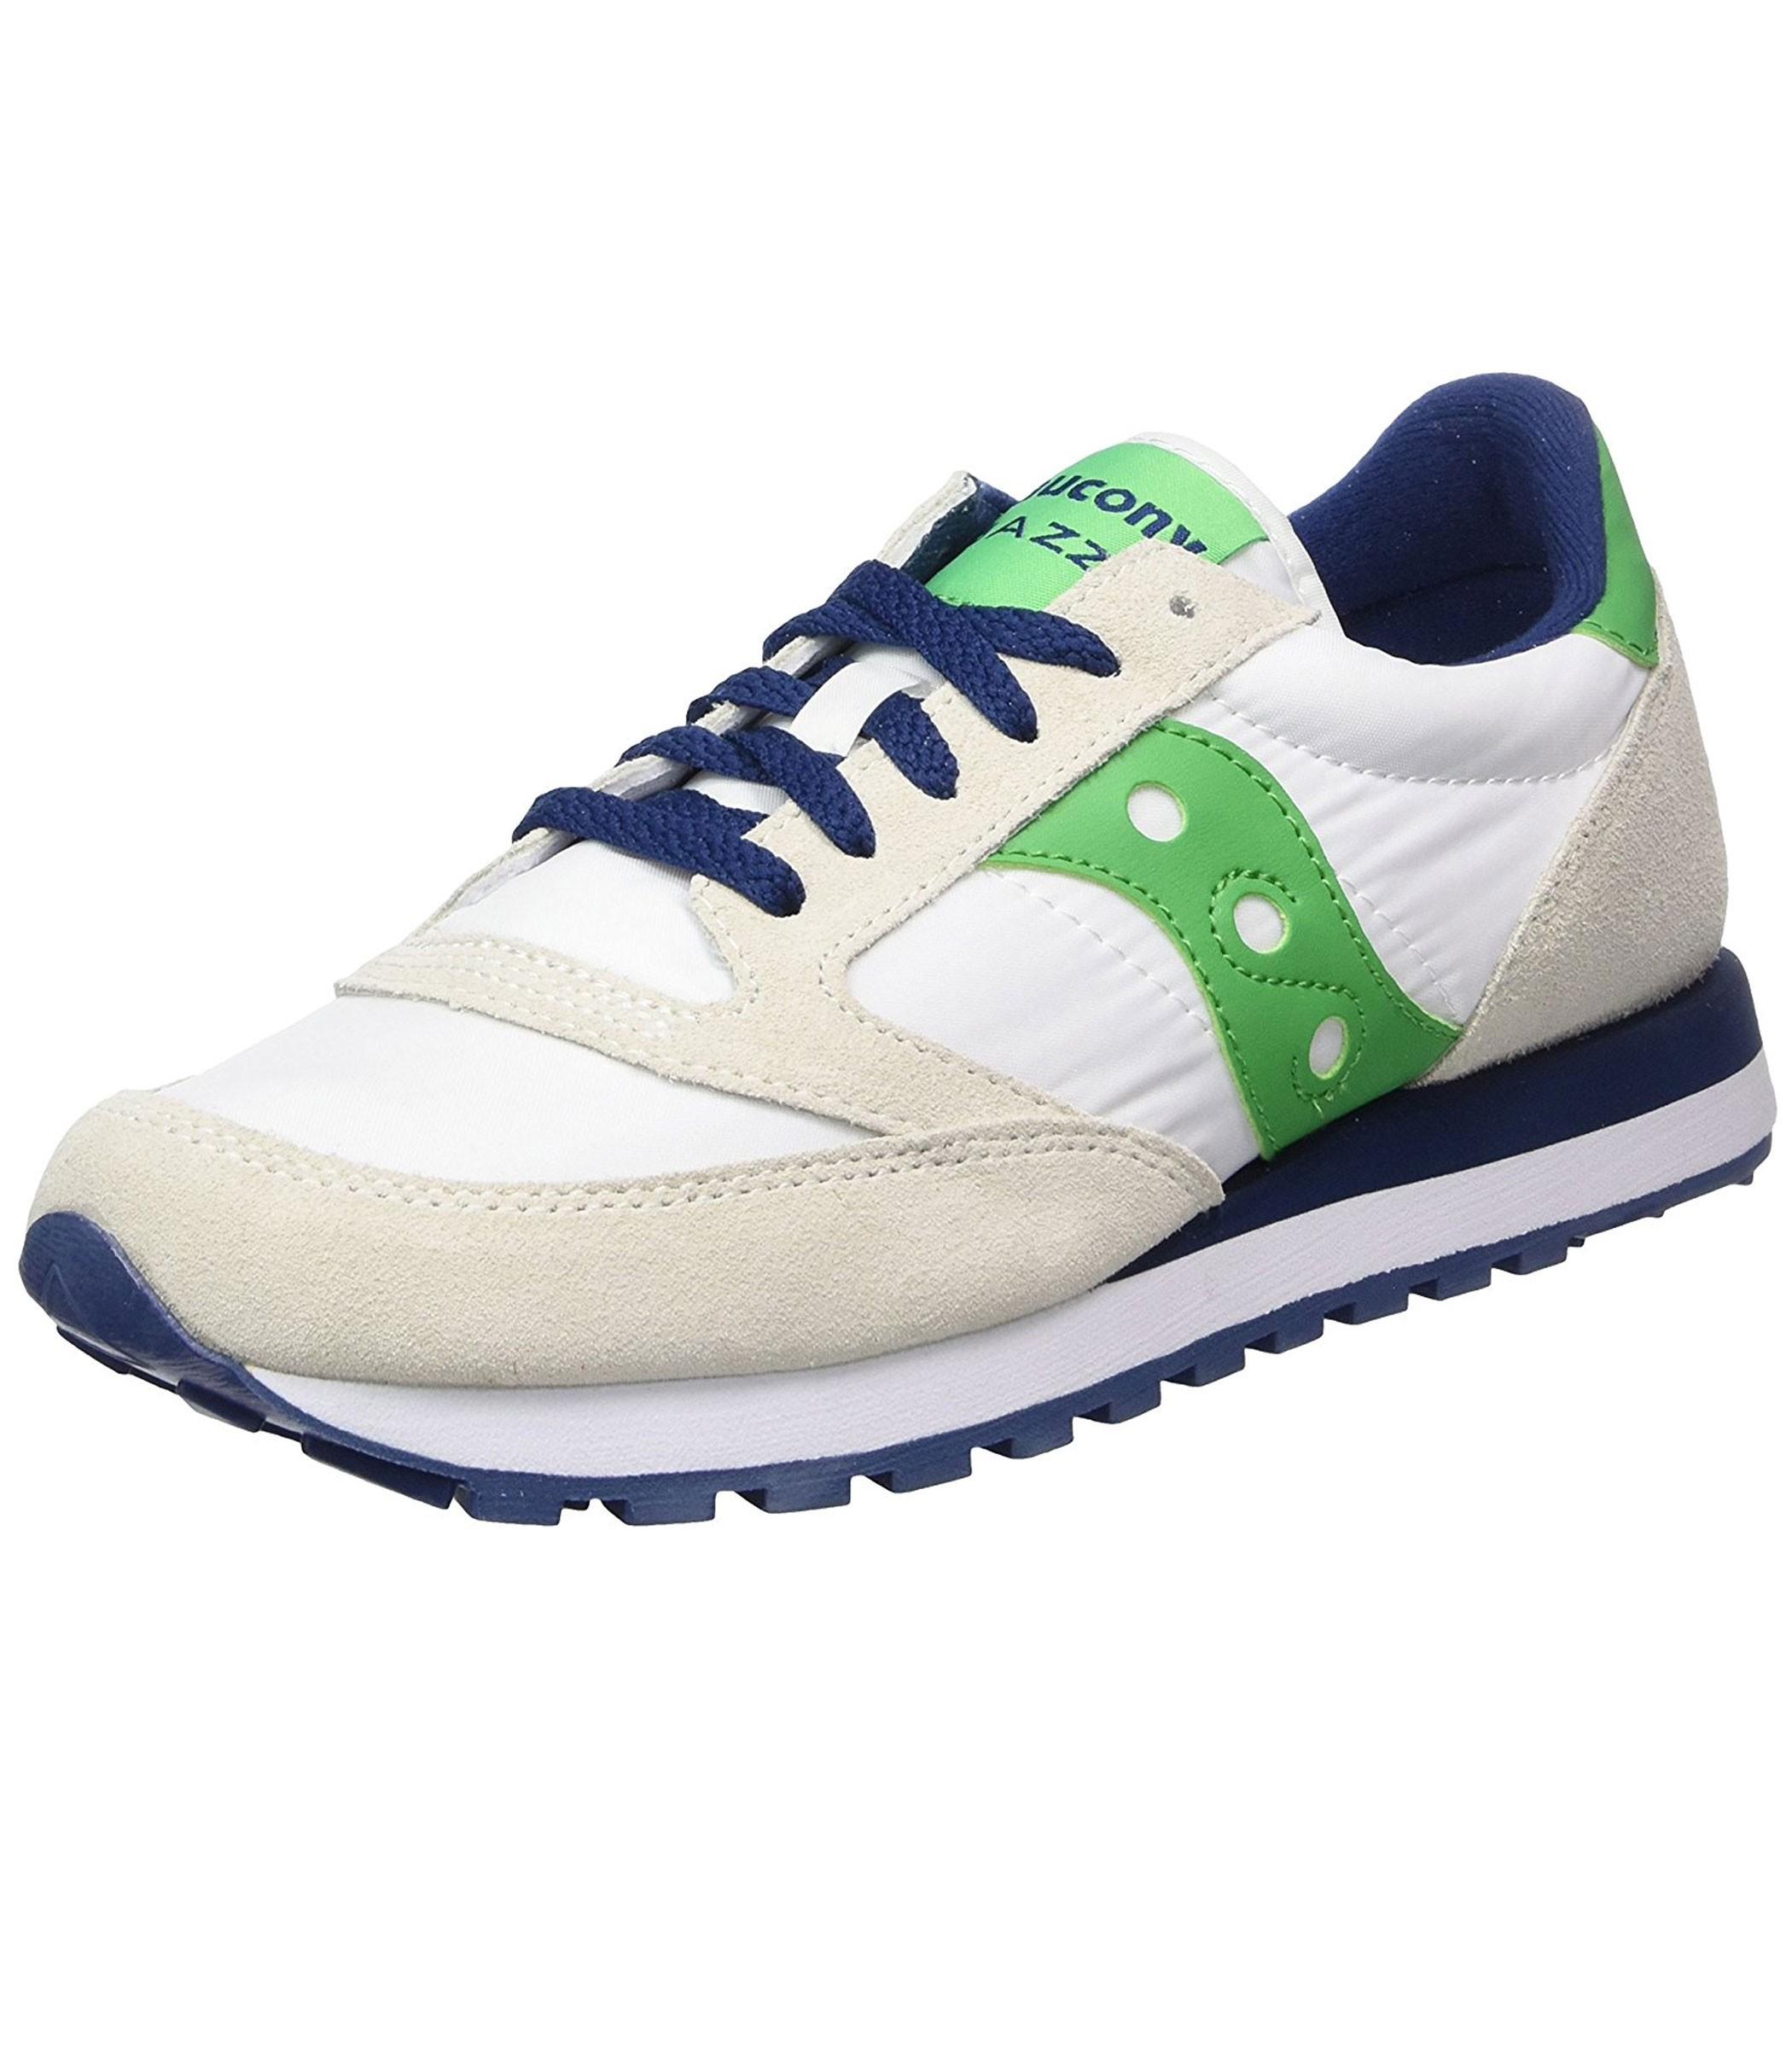 c204449ea71 scarpe-running-saucony-jazz-original-uomo-rif-s2044-448.jpg